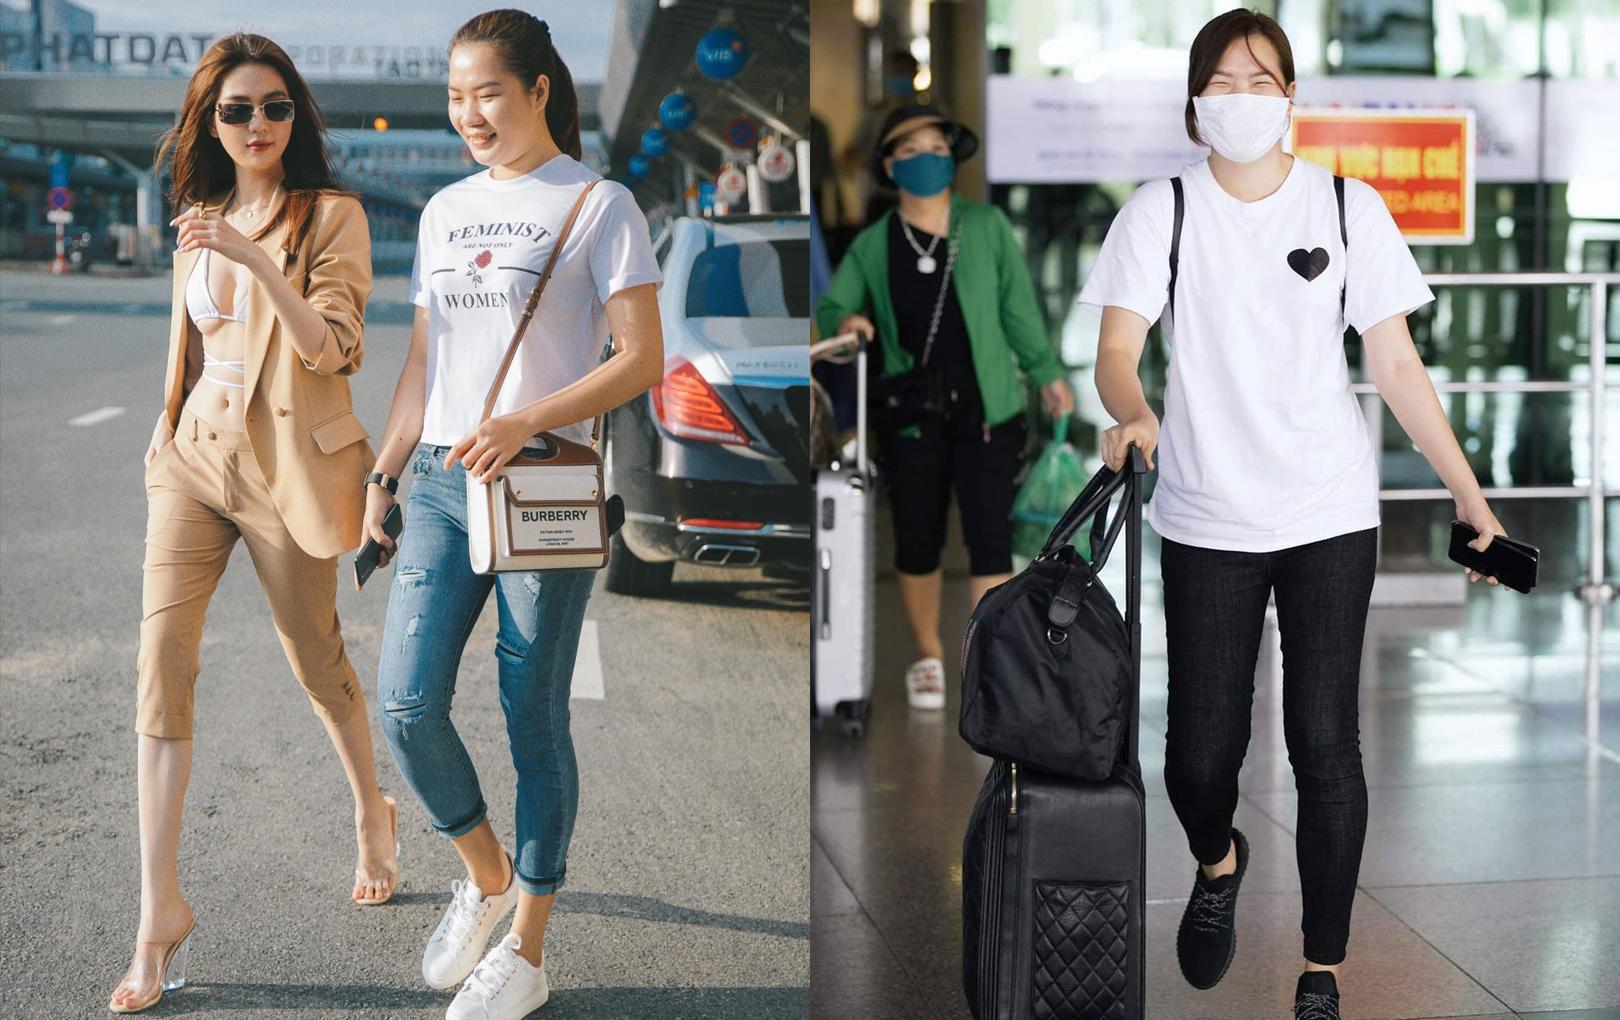 """Còn ai """"ngầu"""" hơn Ngọc Trinh: cho trợ lý cùng đi du lịch xa xỉ, nay còn cùng chụp ảnh street style"""